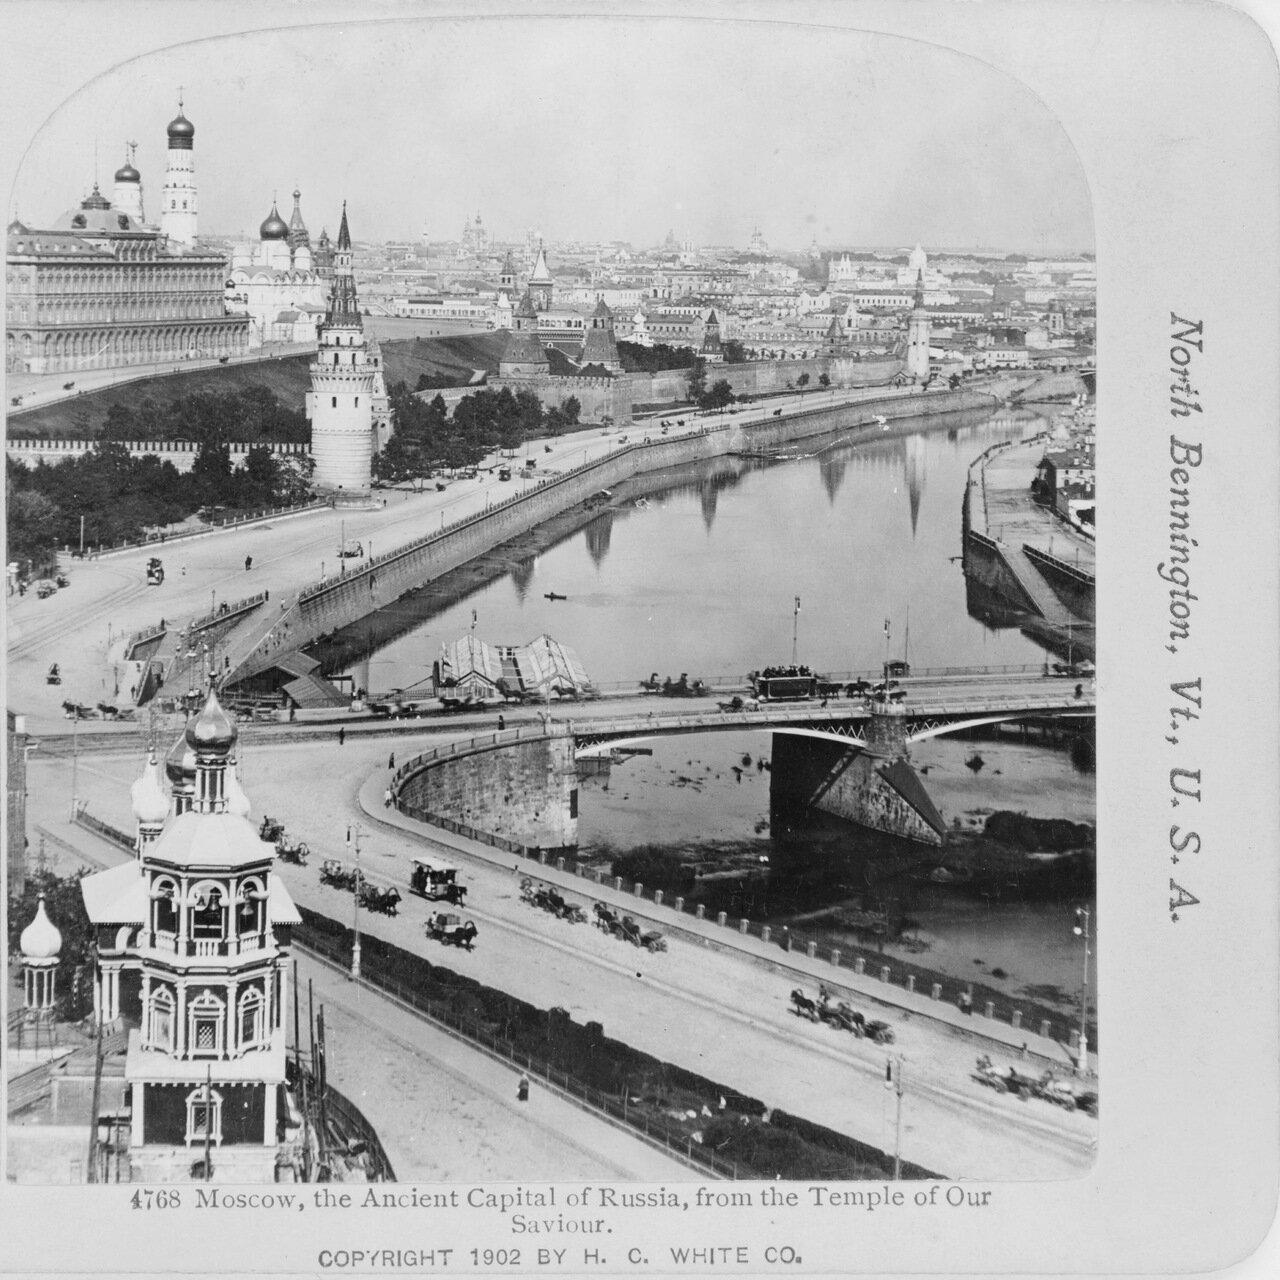 Вид на Кремль с храма Христа Спасителя